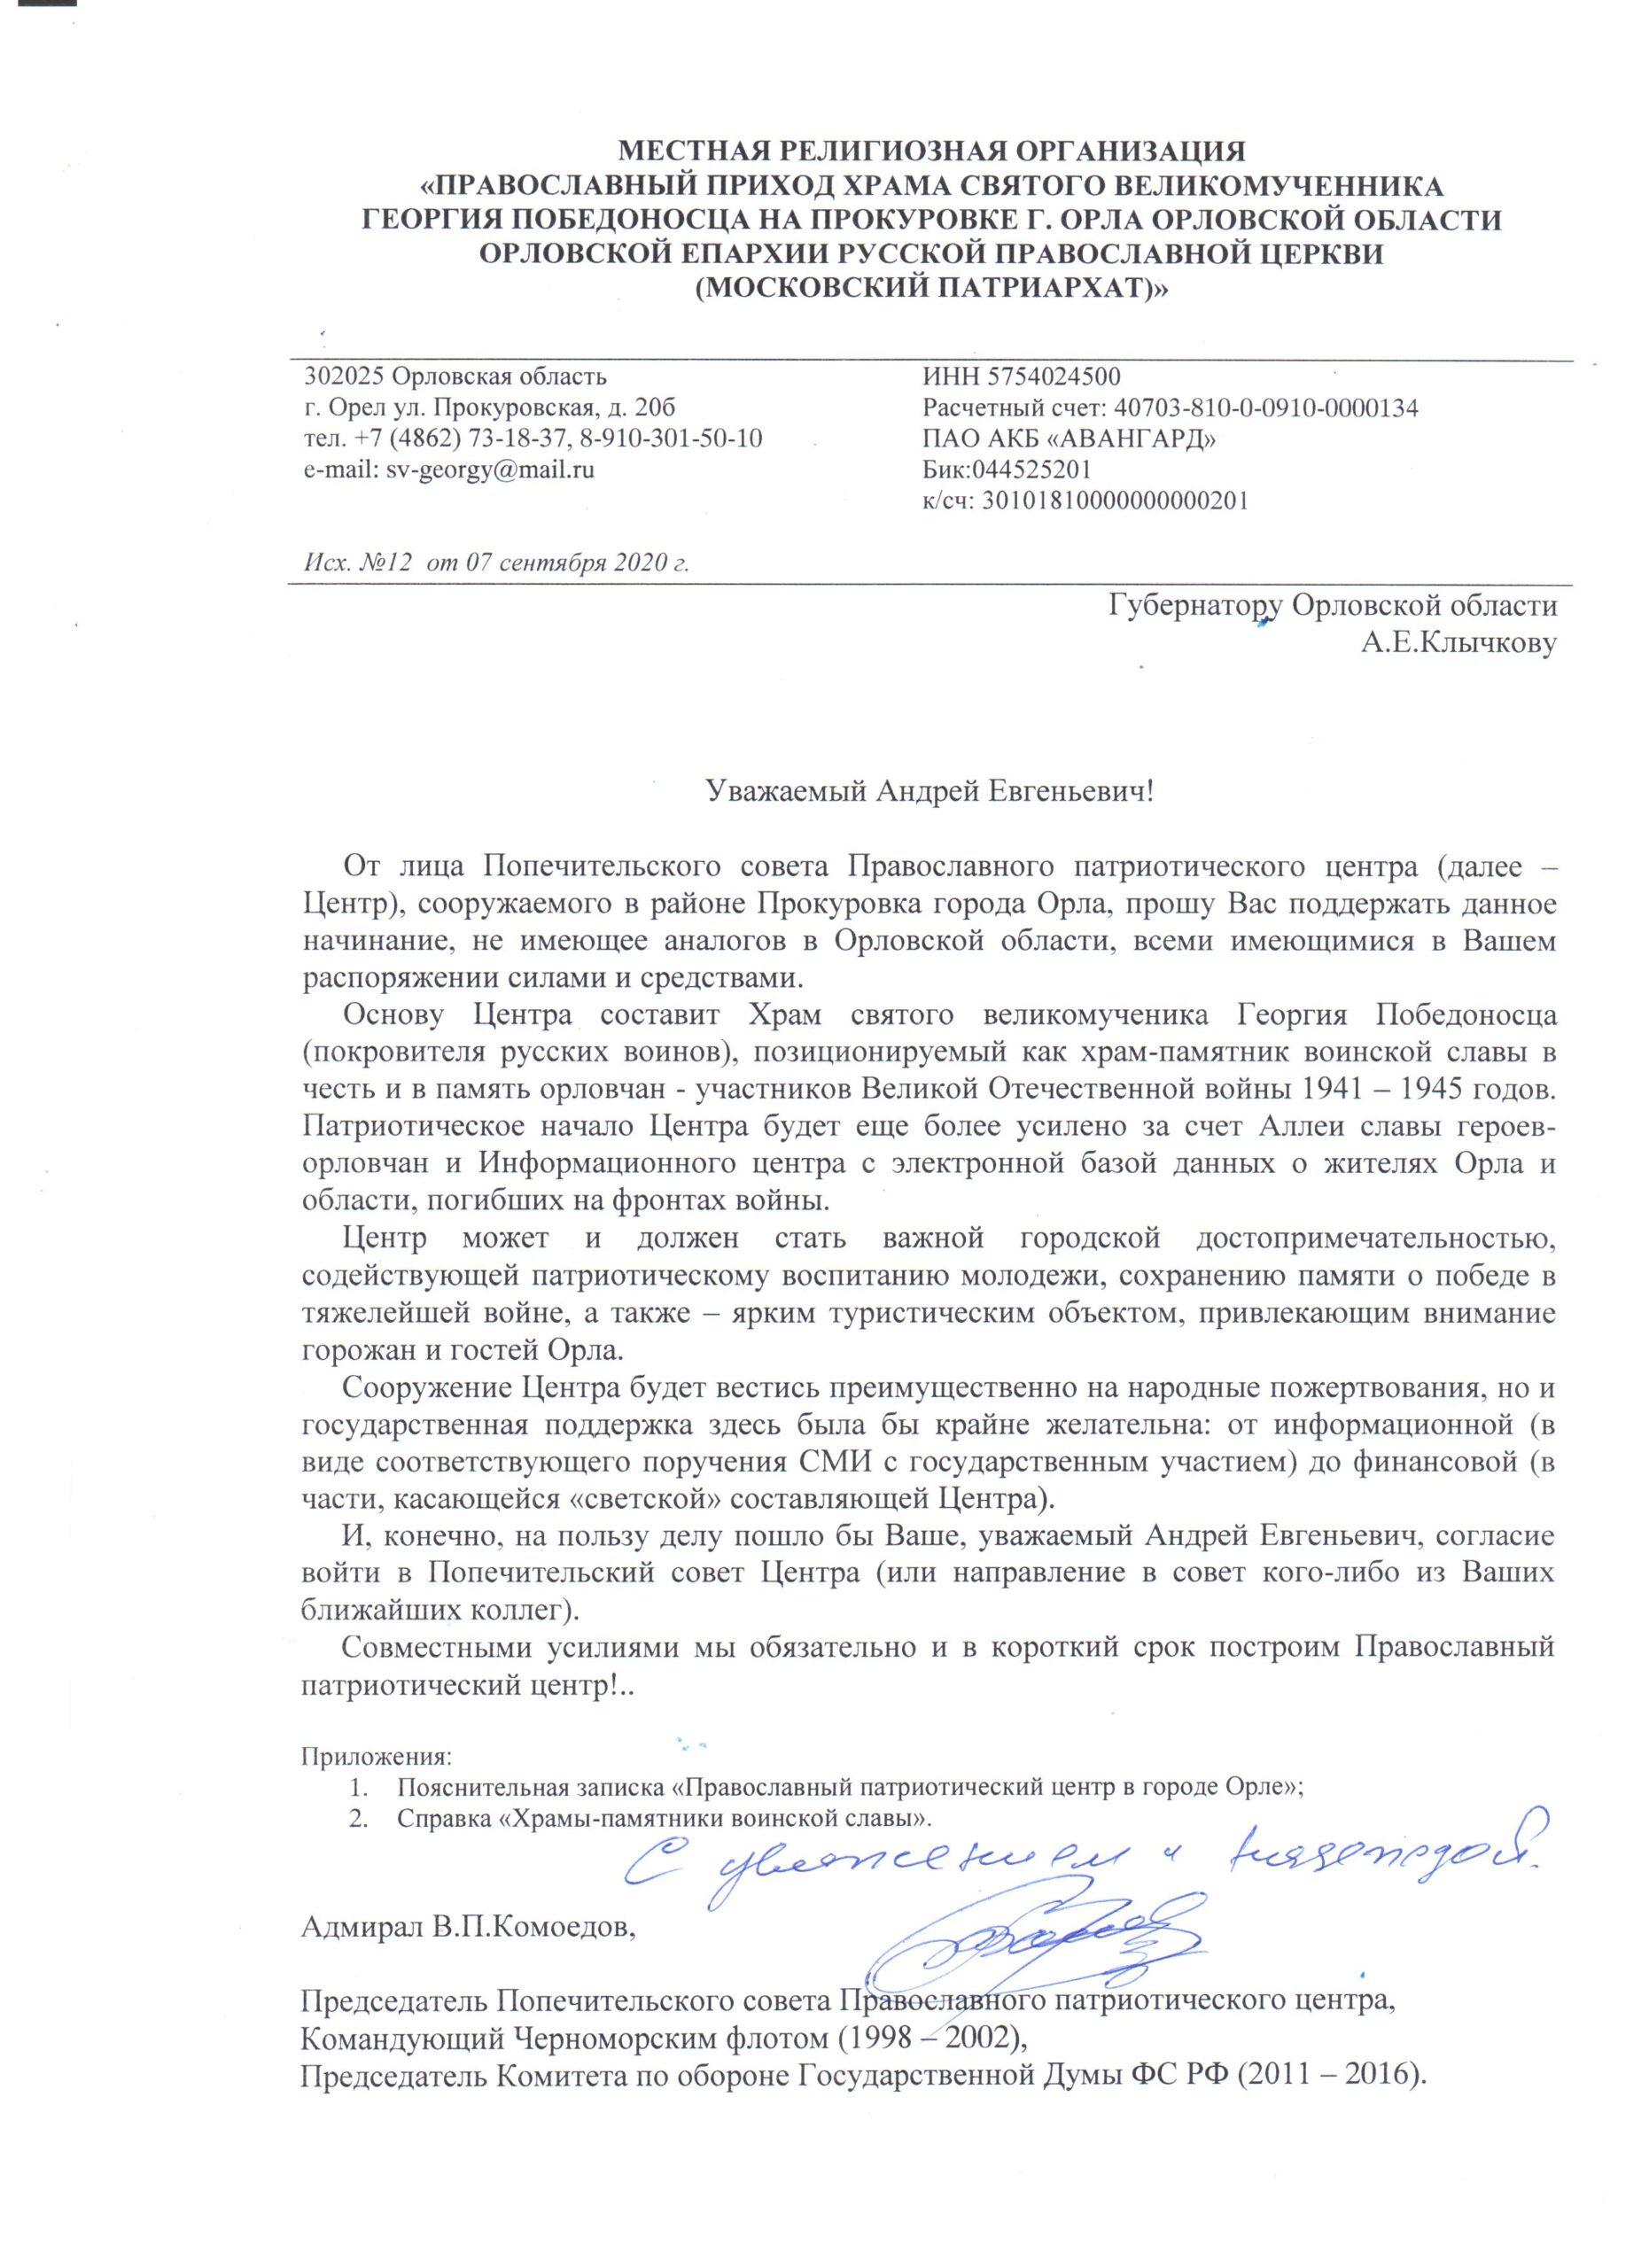 Письмо адмирала Комоедова В.П., председателя Попечительского совета Православного патриотического центра, губернатору Орловской области А.Е.Клычкову